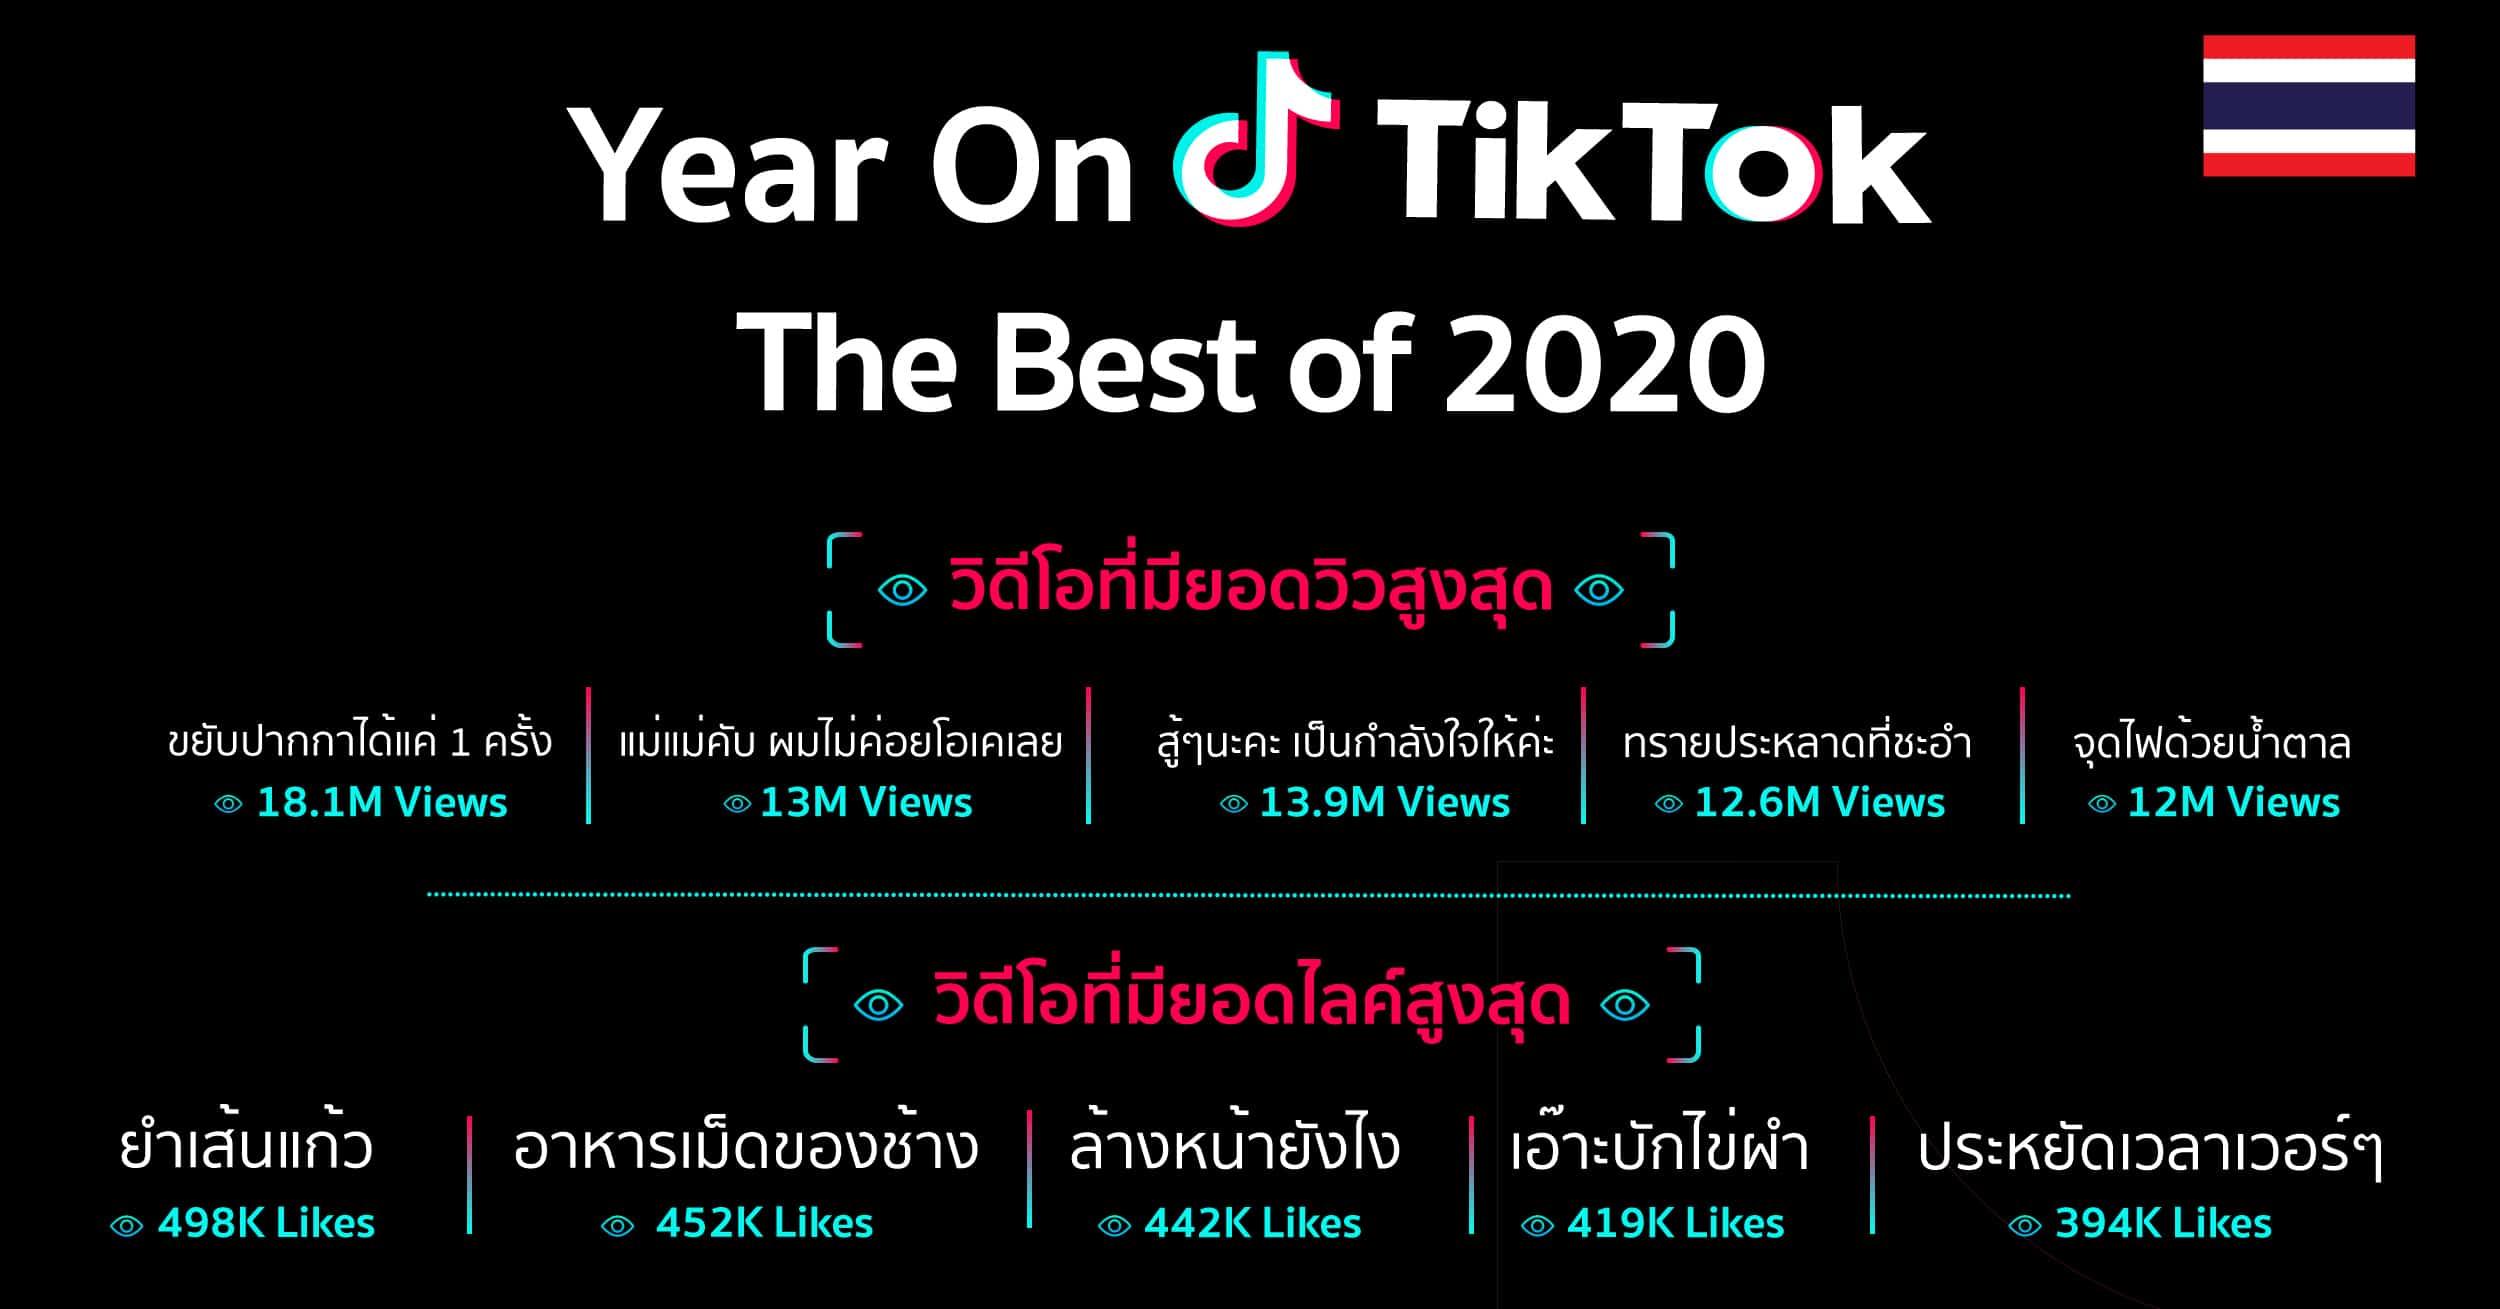 สรุป TikTok 2020 ทุกแฮชแท็กฮิต ครีเอเตอร์ฮอต เพลงดัง และทุกเรื่องที่คุณต้องรู้